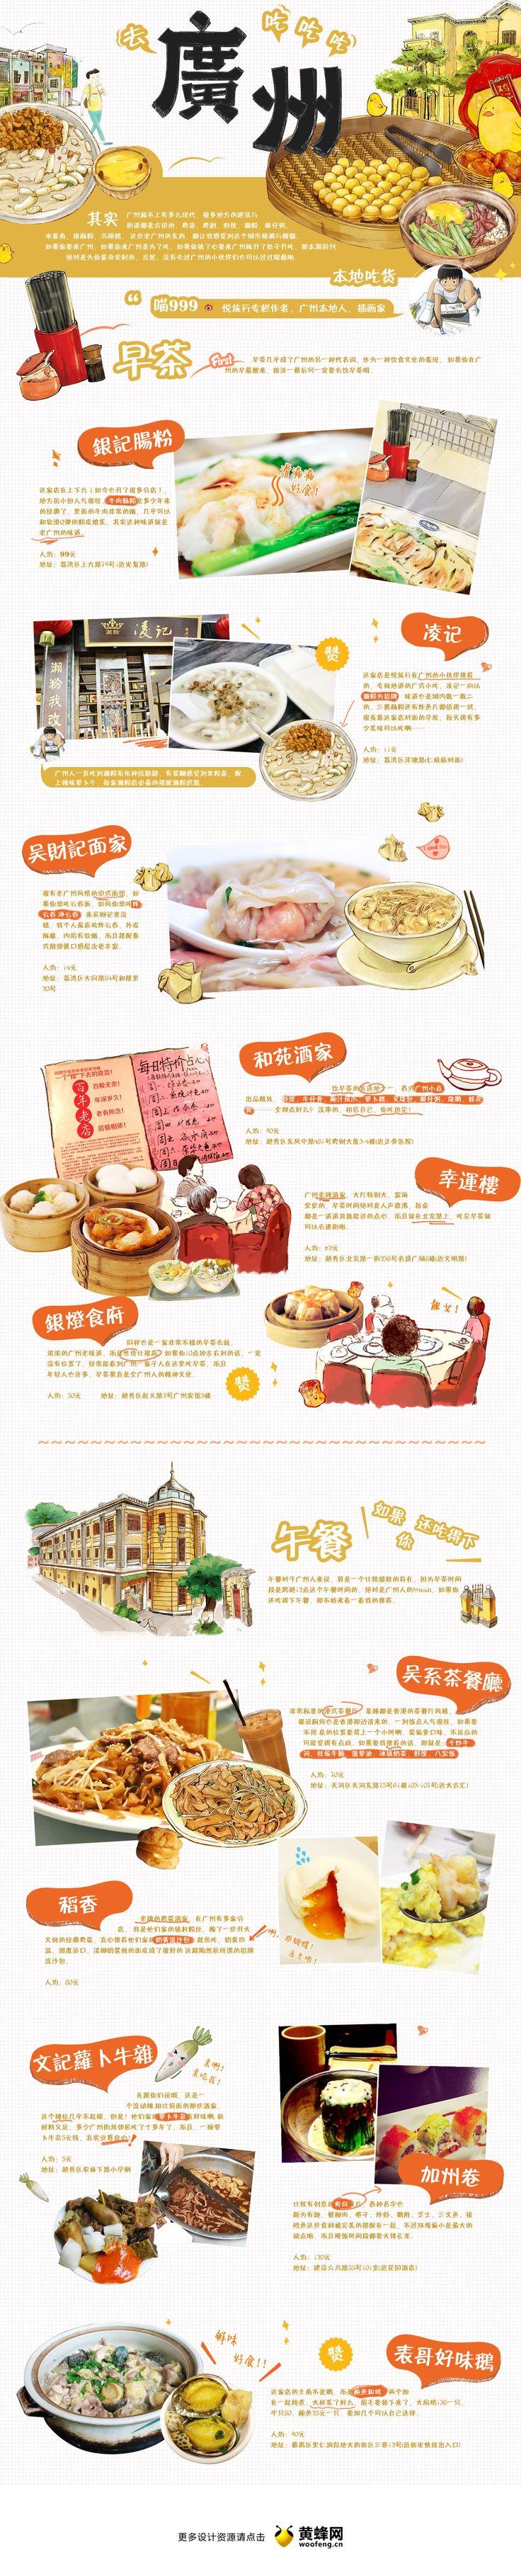 美食专题:如果你要来广州做一个吃货,来源自黄蜂网http://woofeng.cn/